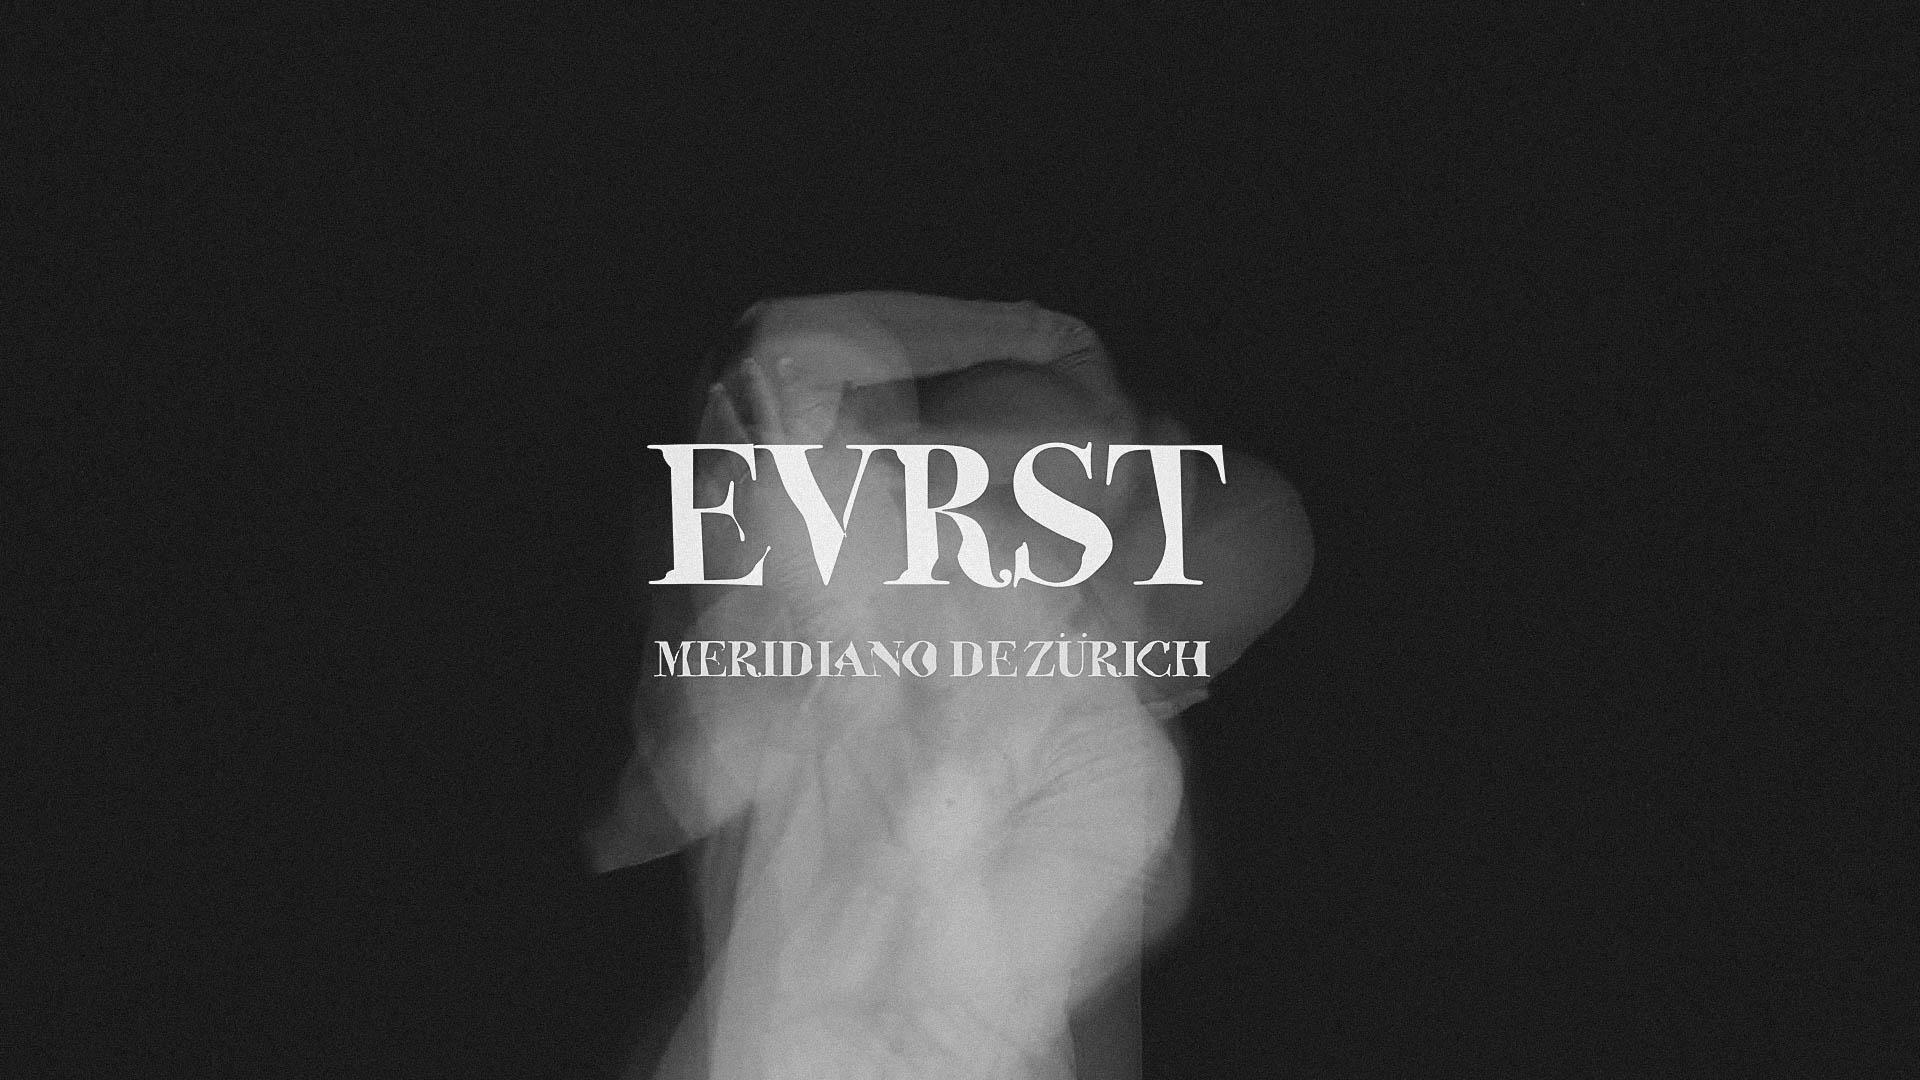 Meridiano de Zürich estrena videoclip para EVRST en adelanto de su nuevo álbum